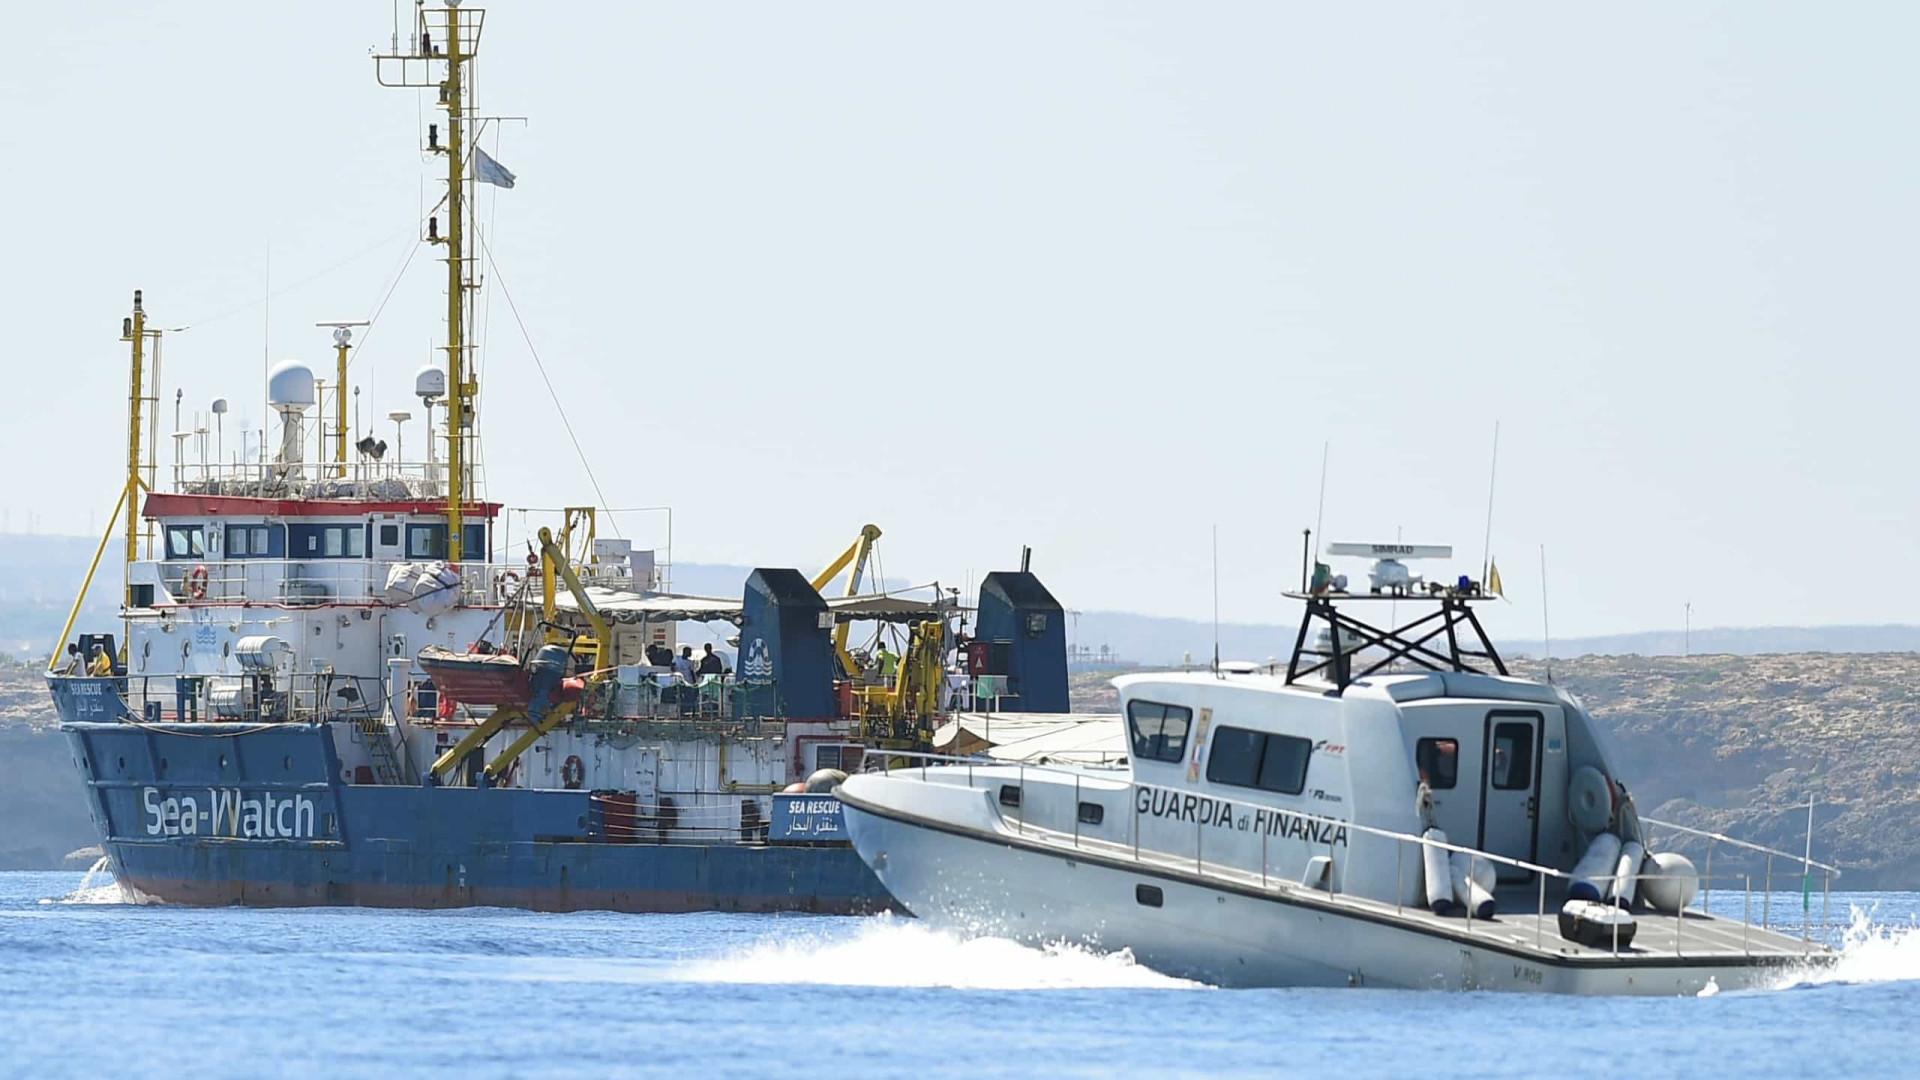 Navio com migrantes é impedido de entrar em ilha italiana